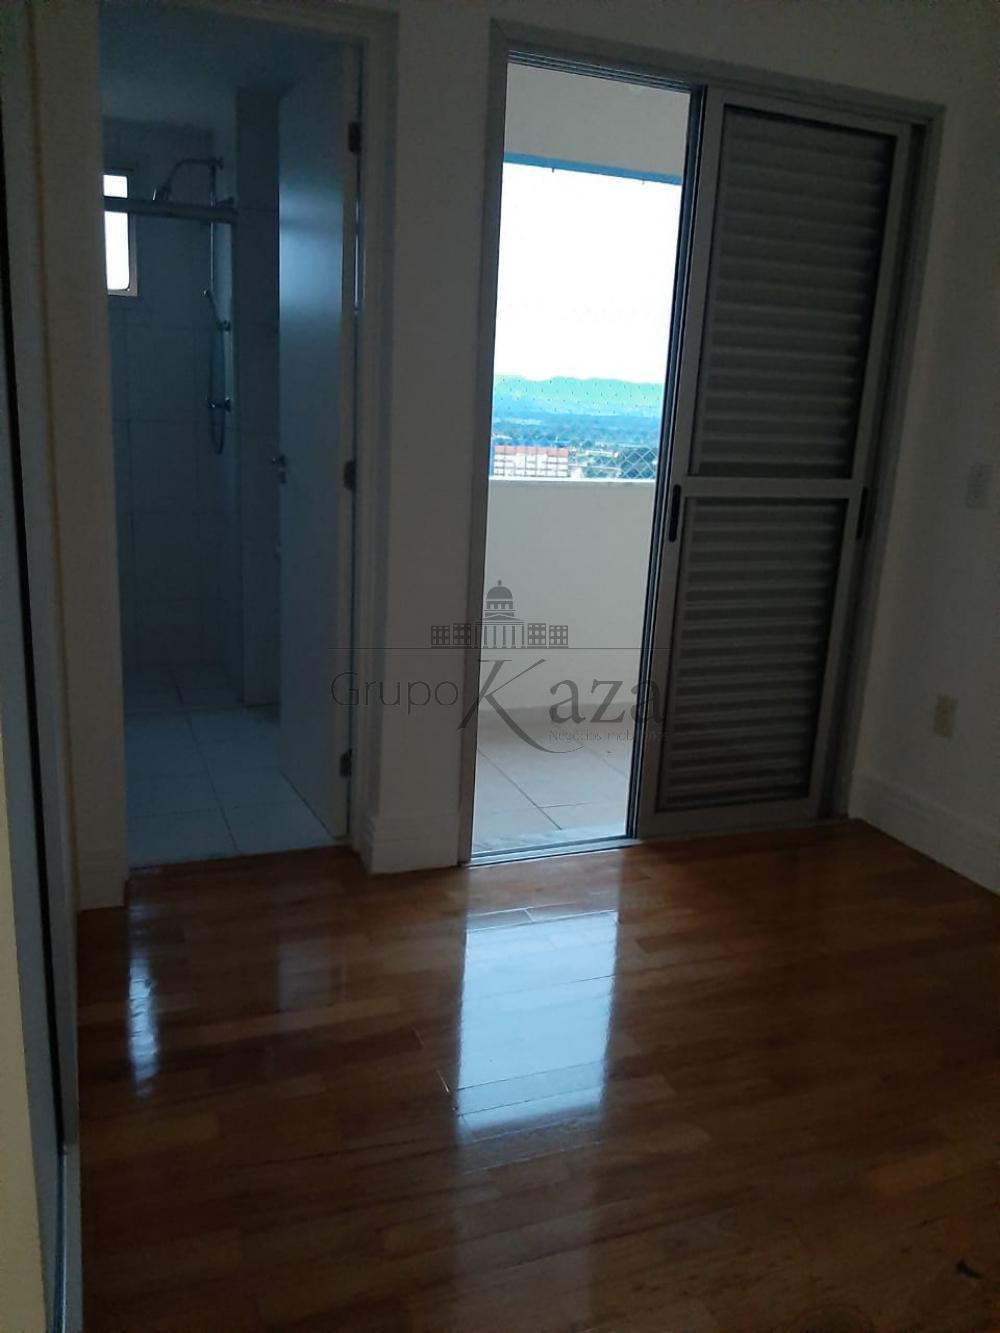 alt='Comprar Apartamento / Padrão em São José dos Campos R$ 380.000,00 - Foto 12' title='Comprar Apartamento / Padrão em São José dos Campos R$ 380.000,00 - Foto 12'